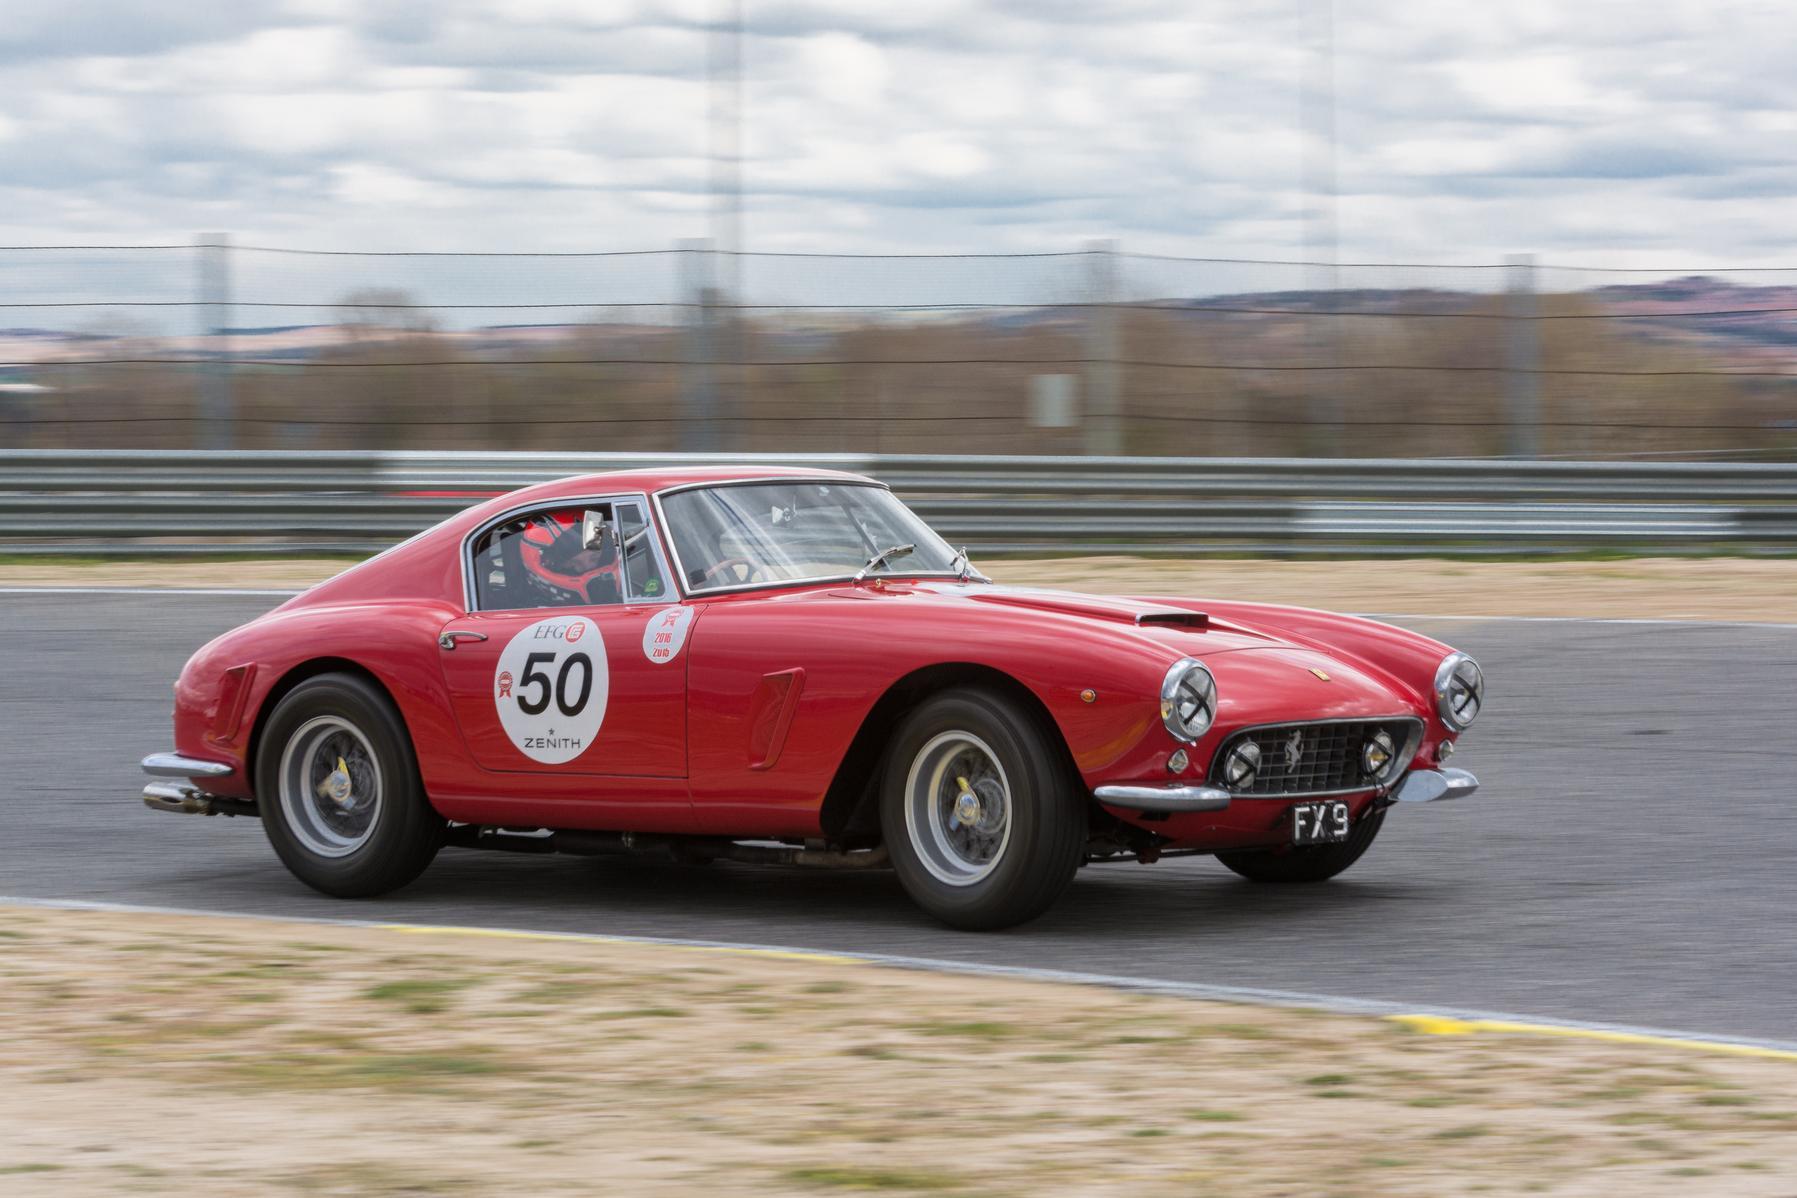 Red Ferrari 250 GTO